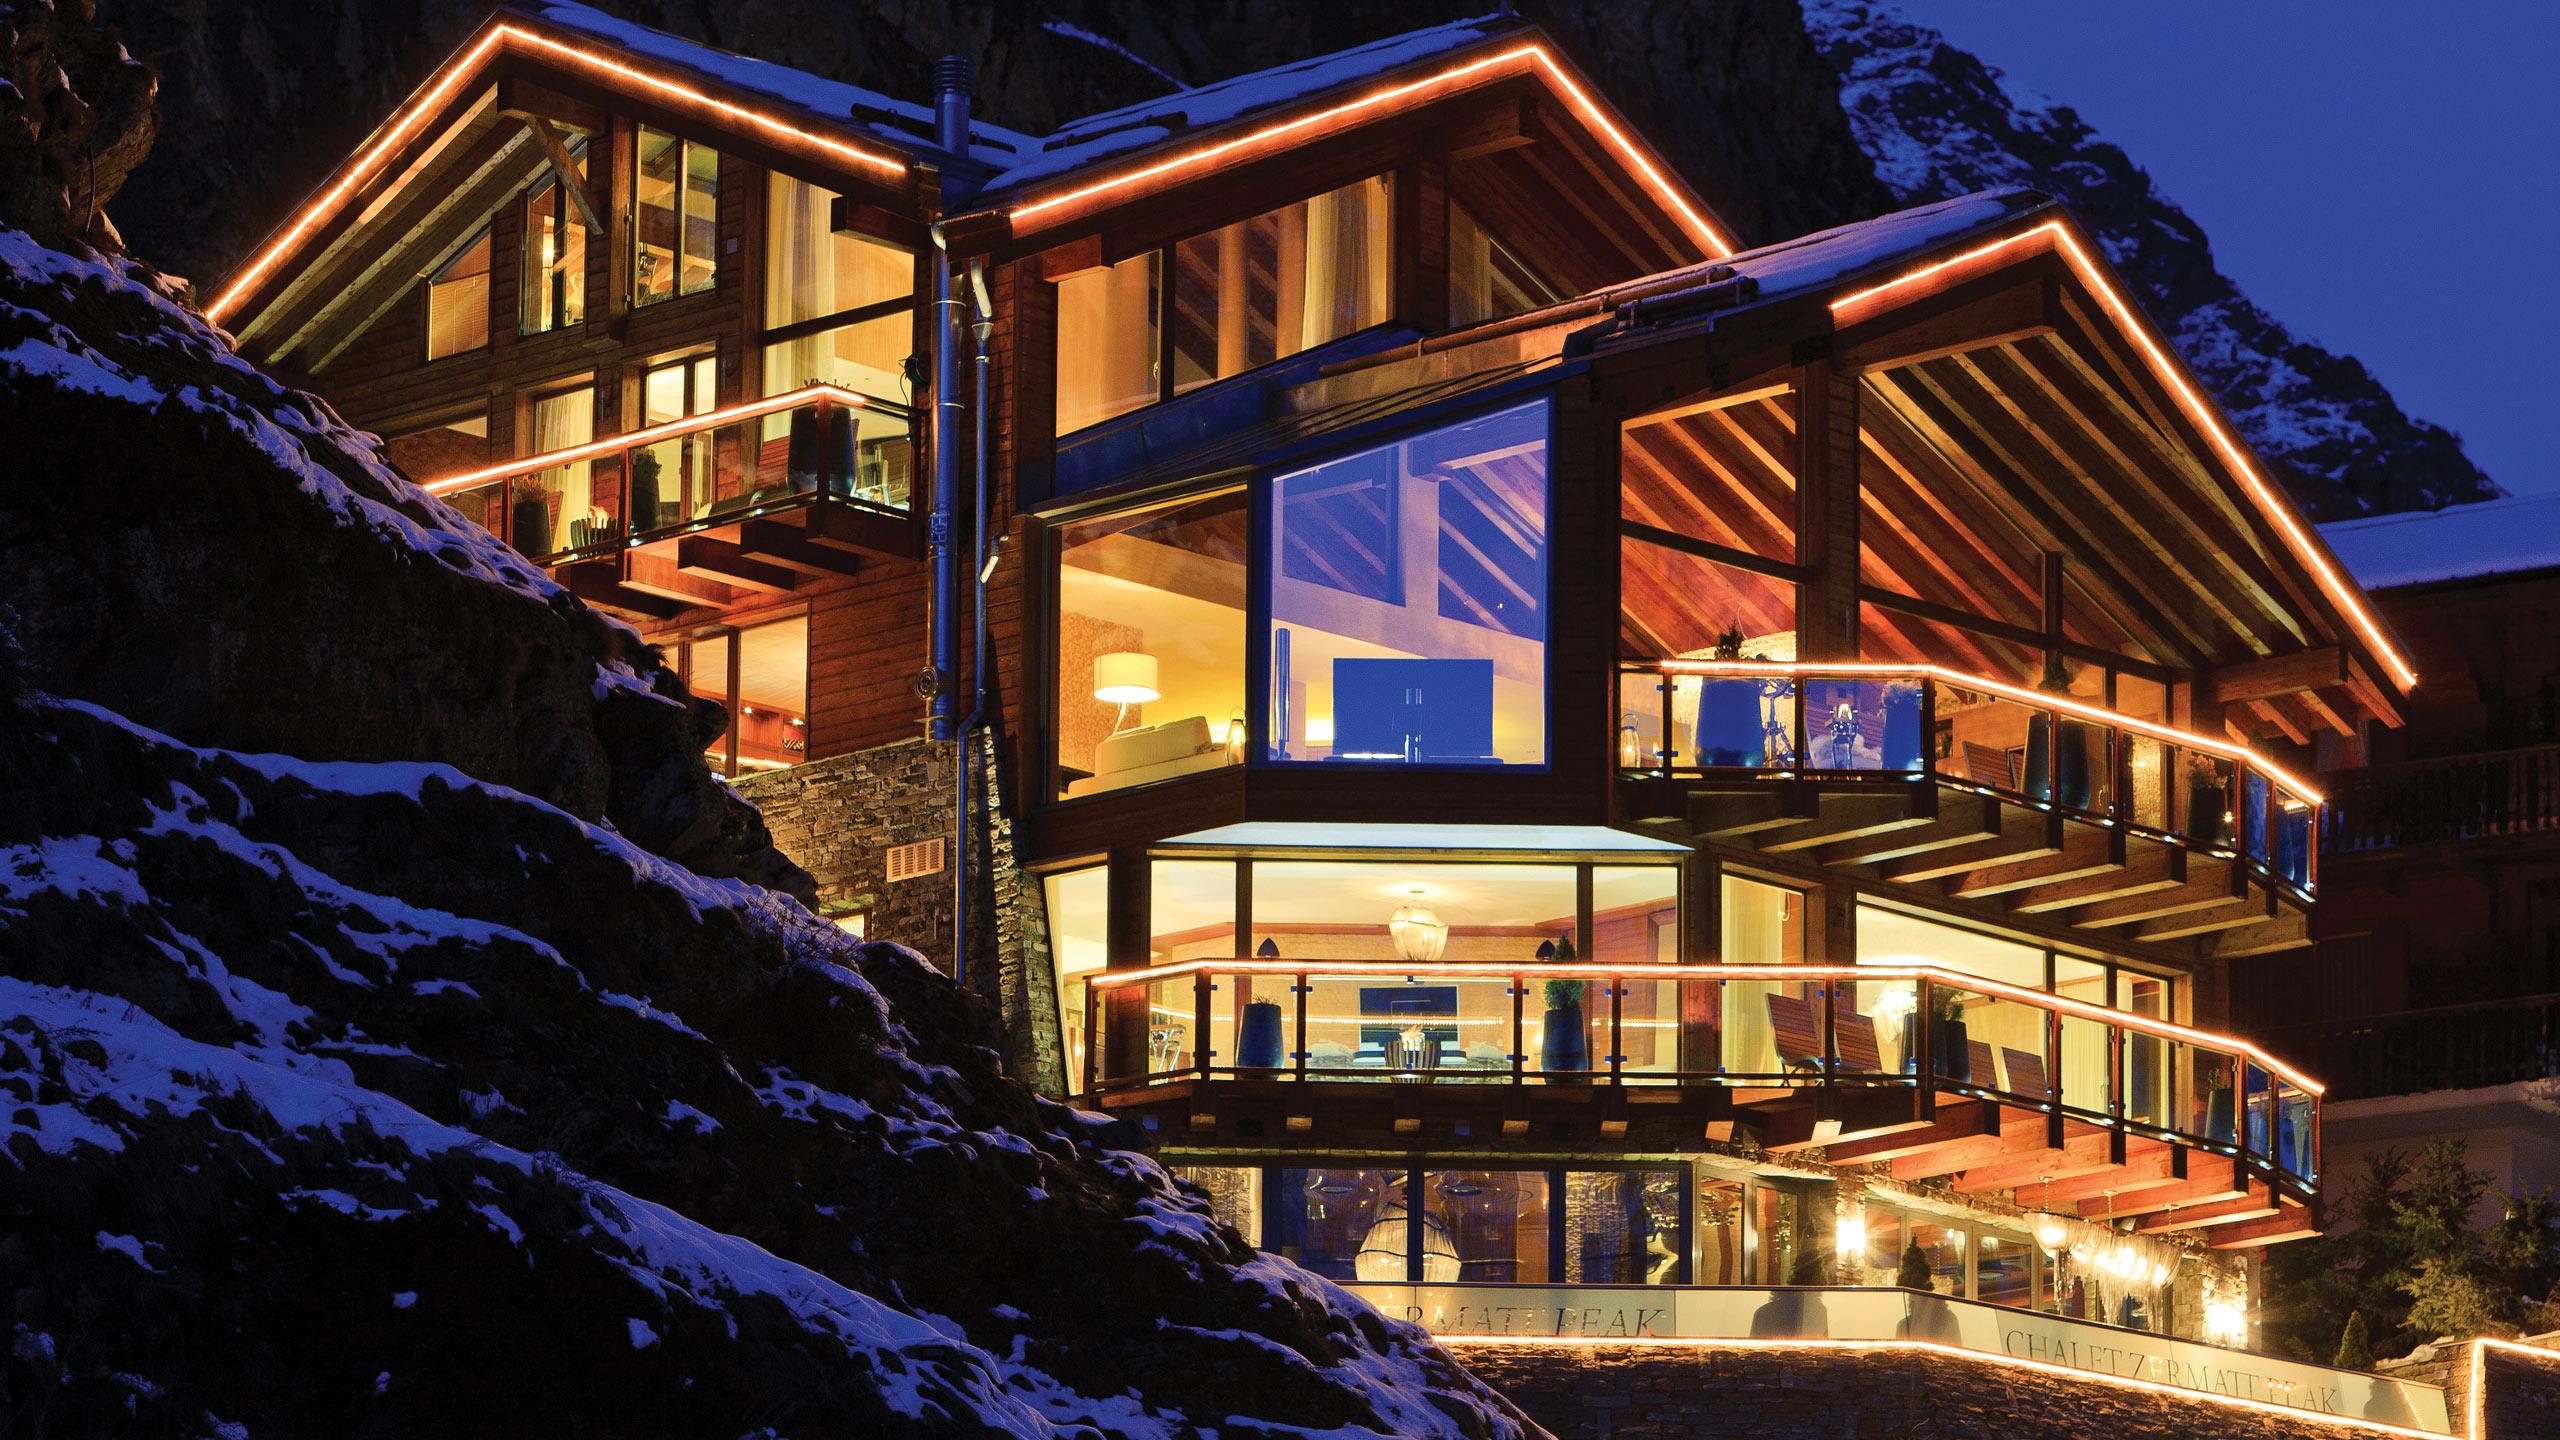 What to Expect from a 5-Star Ski Resort like Chalet Zermatt Peak chalet zermatt peak What to Expect from a 5-Star Ski Resort like Chalet Zermatt Peak What to Expect from a 5 Star Ski Resort like Chalet Zermatt Peak